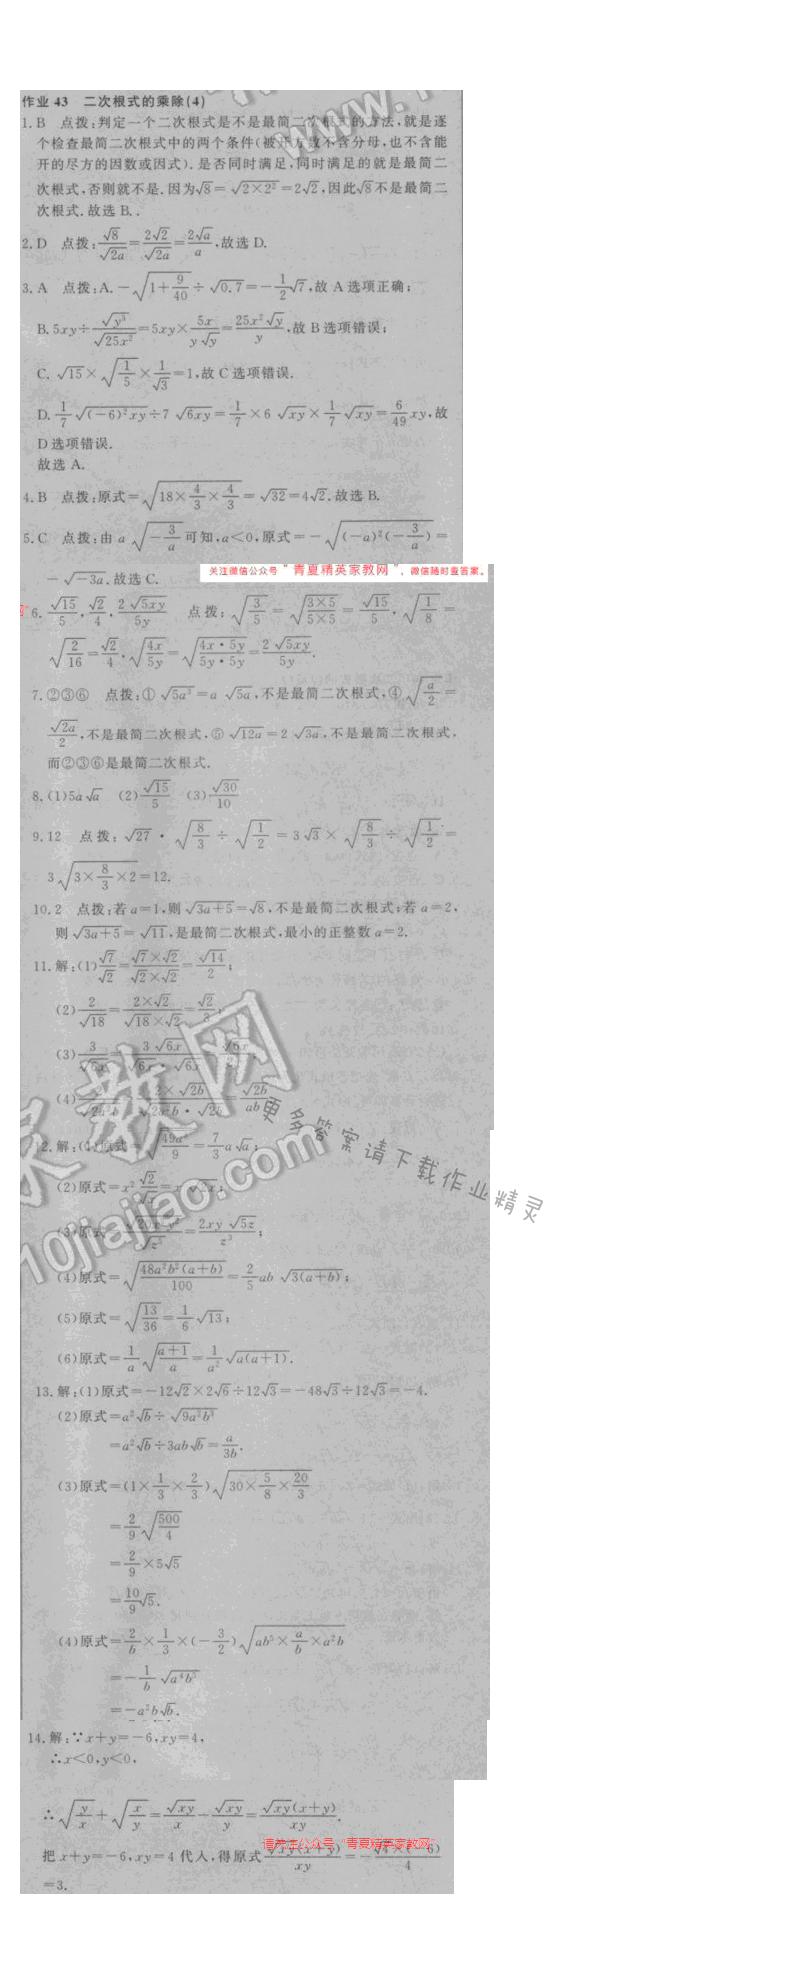 2016年启东中学作业本八年级数学下册江苏版 第十二章 作业43